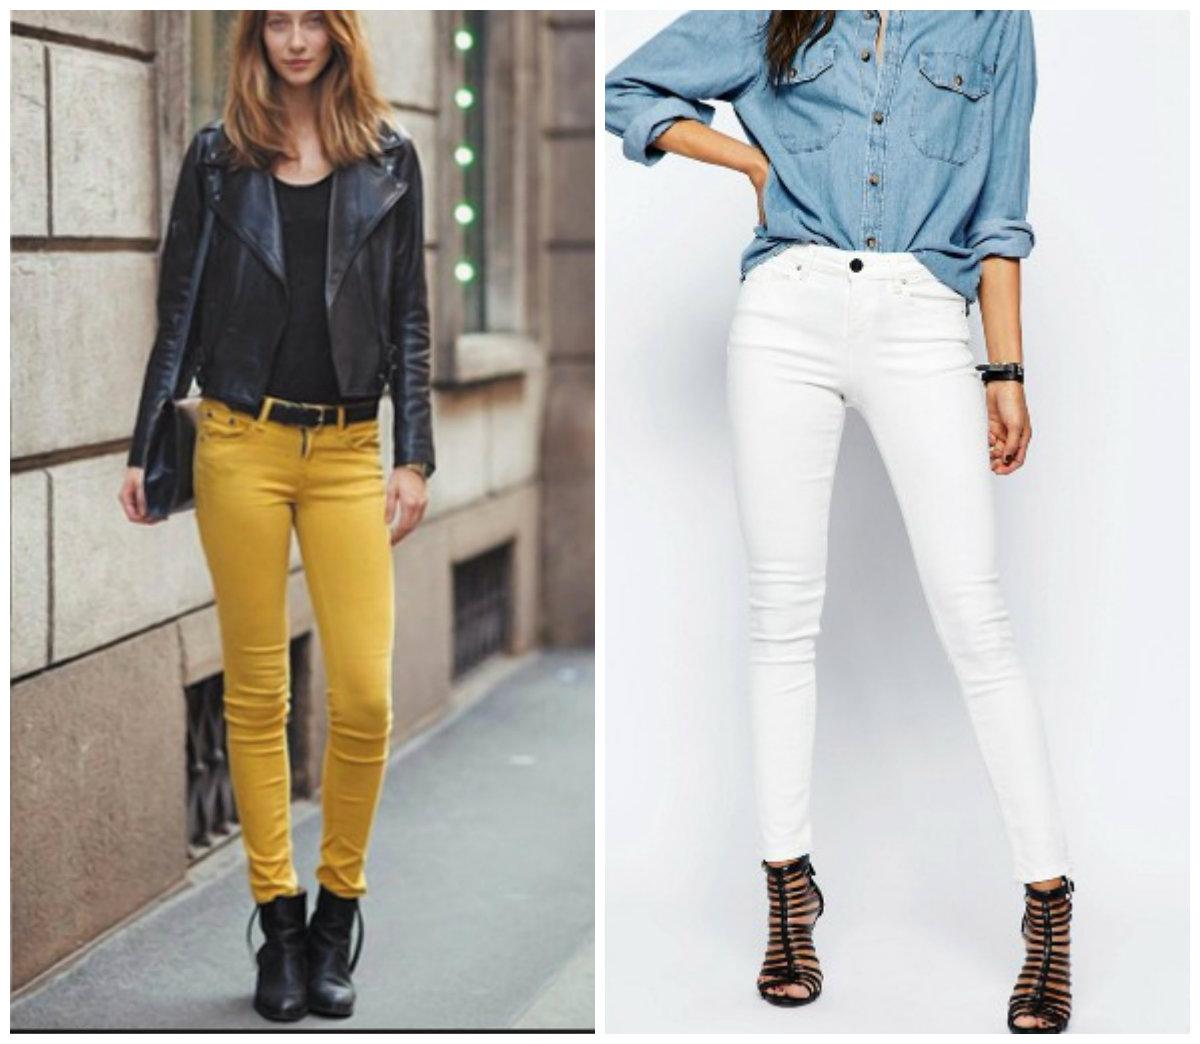 Модные-джинсы-2019-женские-Крой-фото-Длина-Крой-Декор-Цвет-джинсы 2019 женские